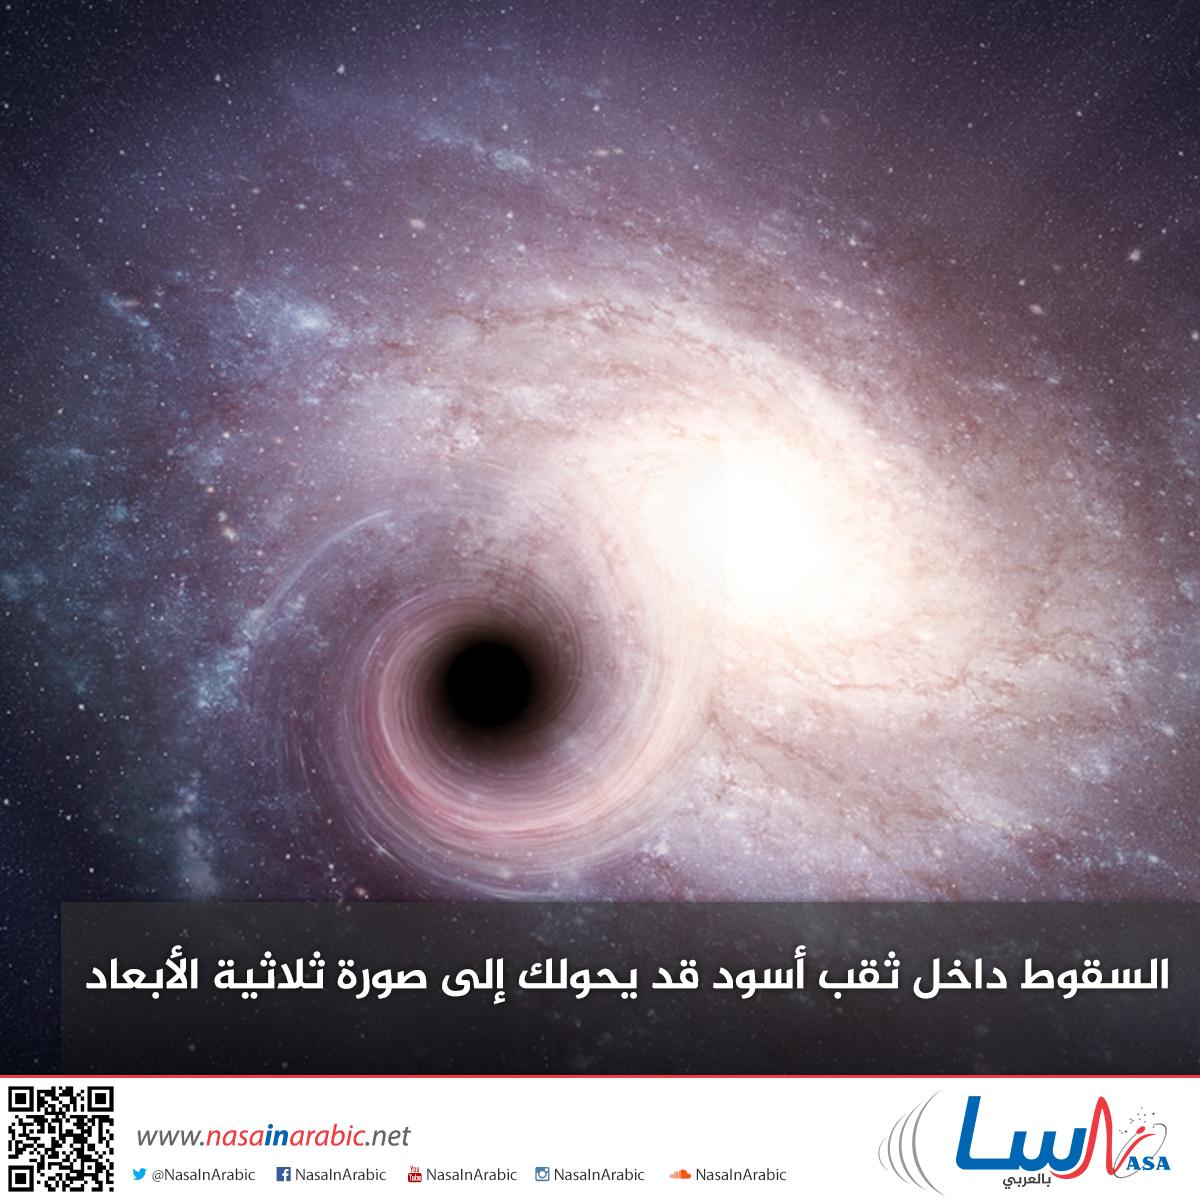 السقوط داخل ثقب أسود قد يحولك إلى صورة ثلاثية الأبعاد